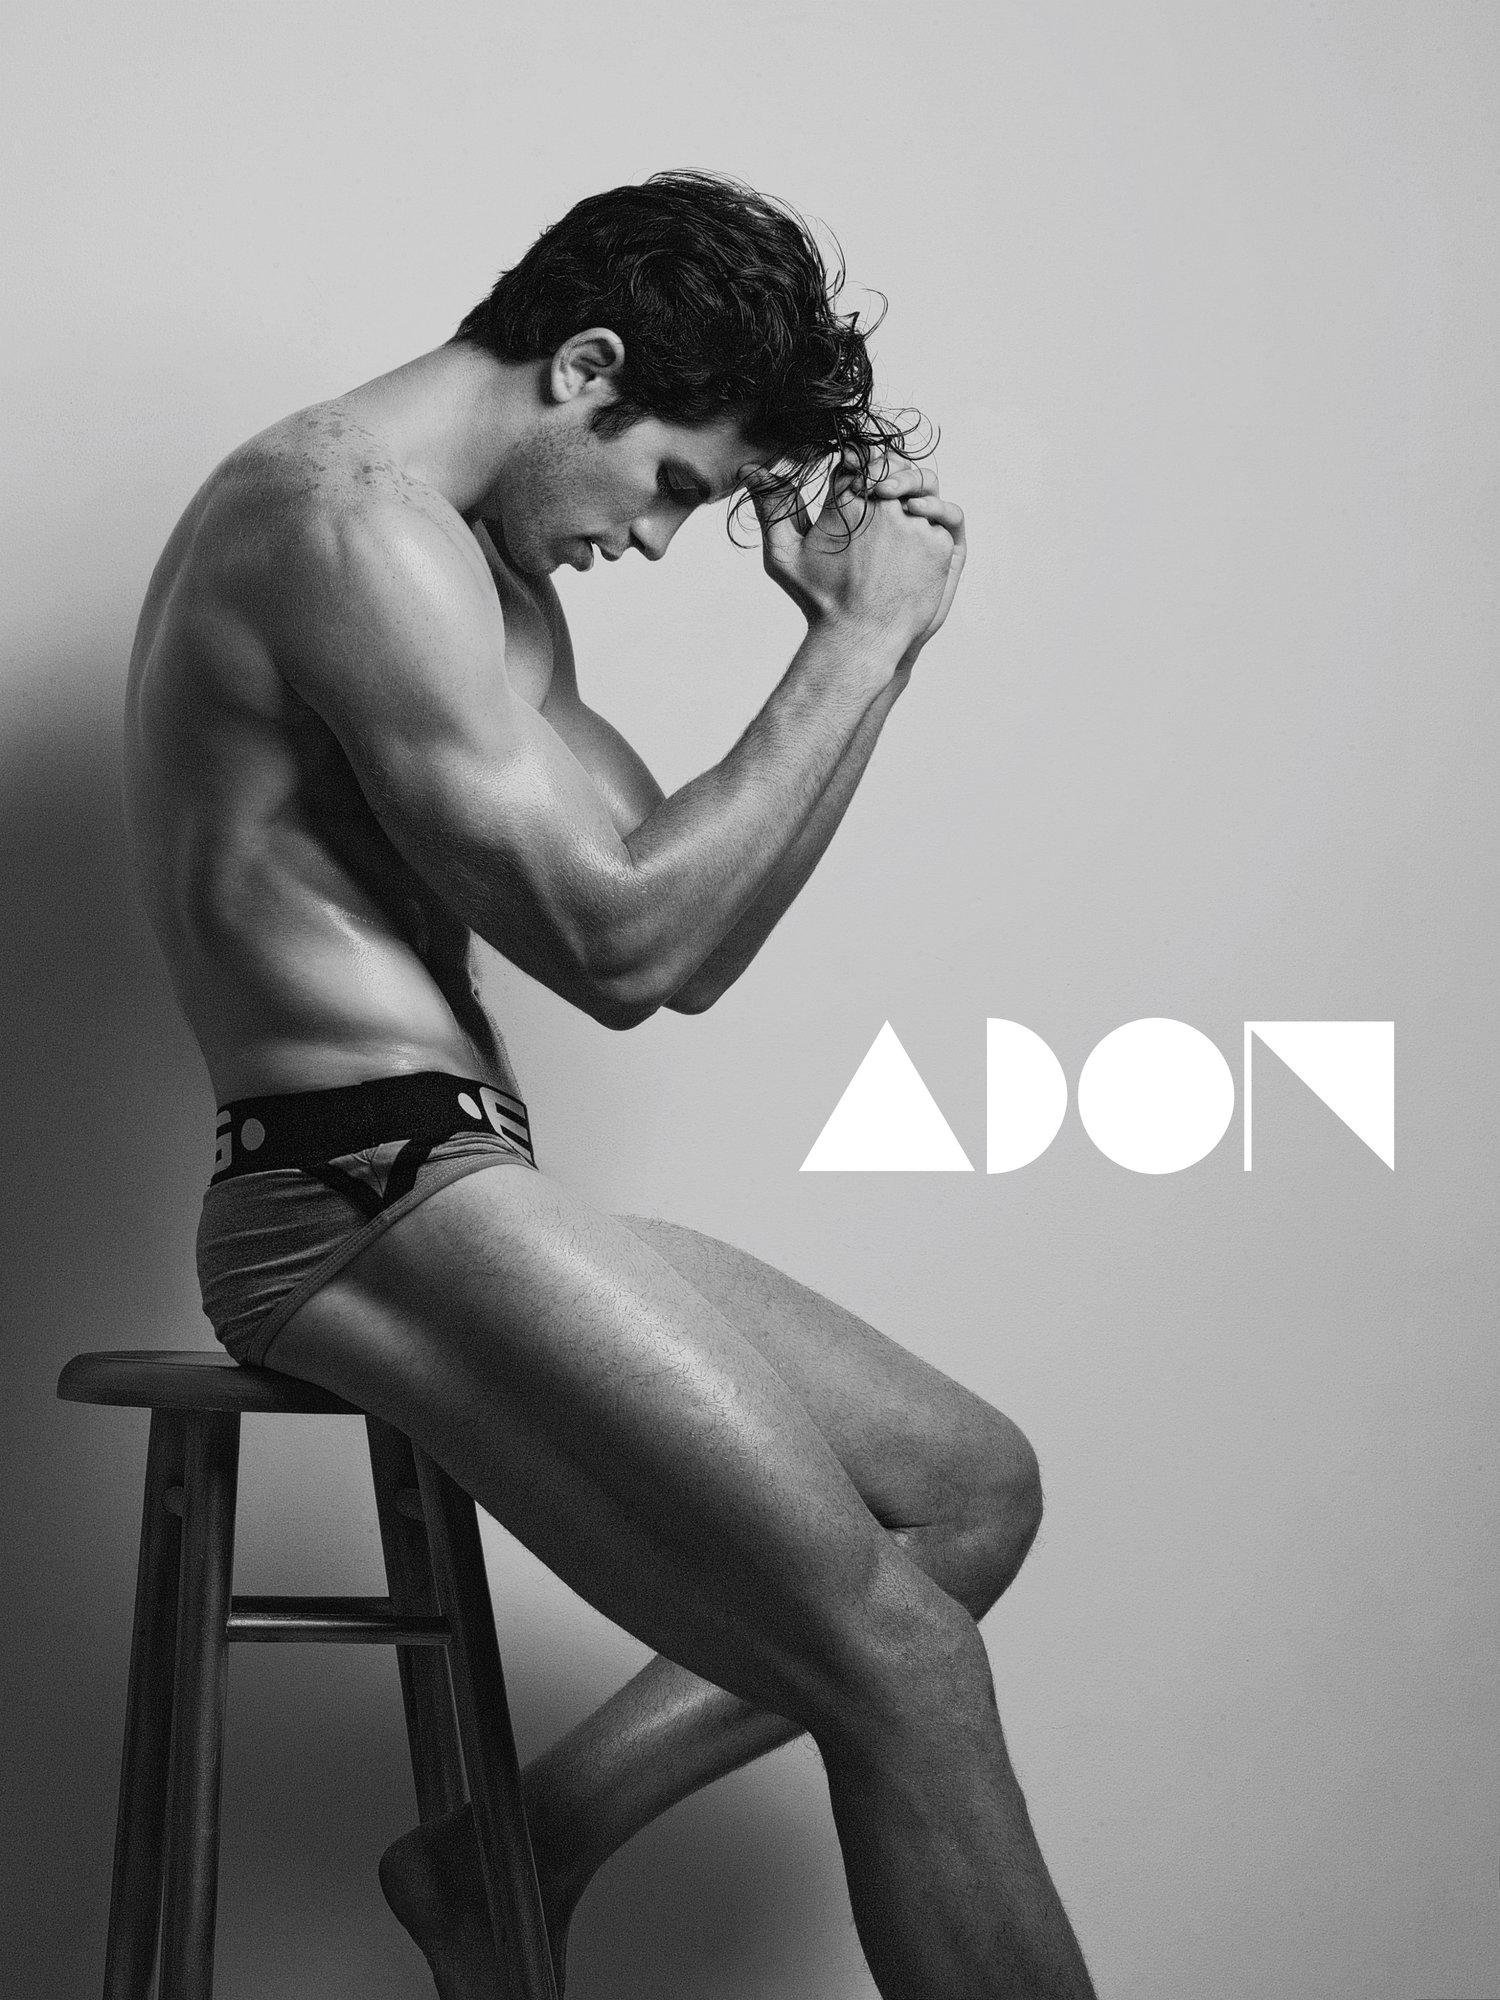 Adon Exclusive: Model Fede Espejo By David Dahlhaus